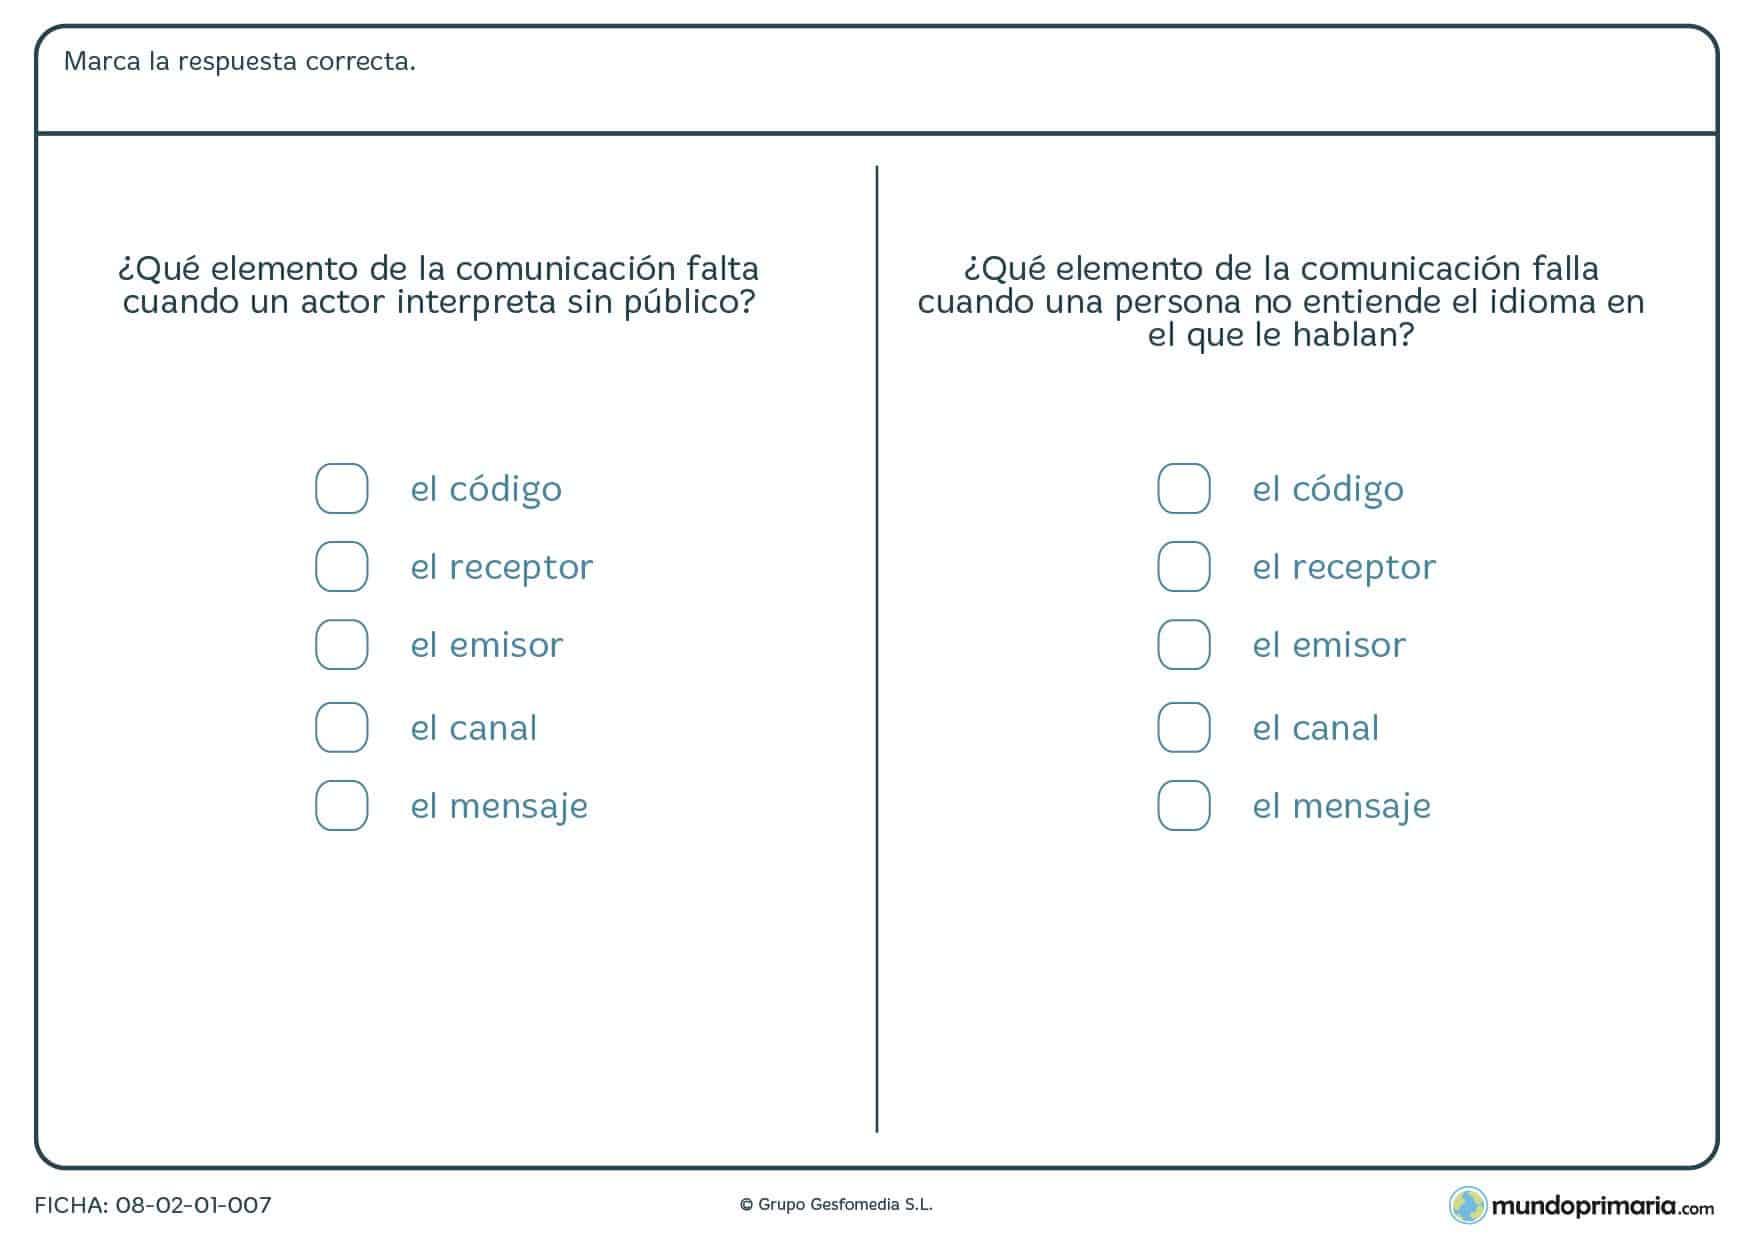 Ficha de la comunicación y sus partes para un correcto mensaje